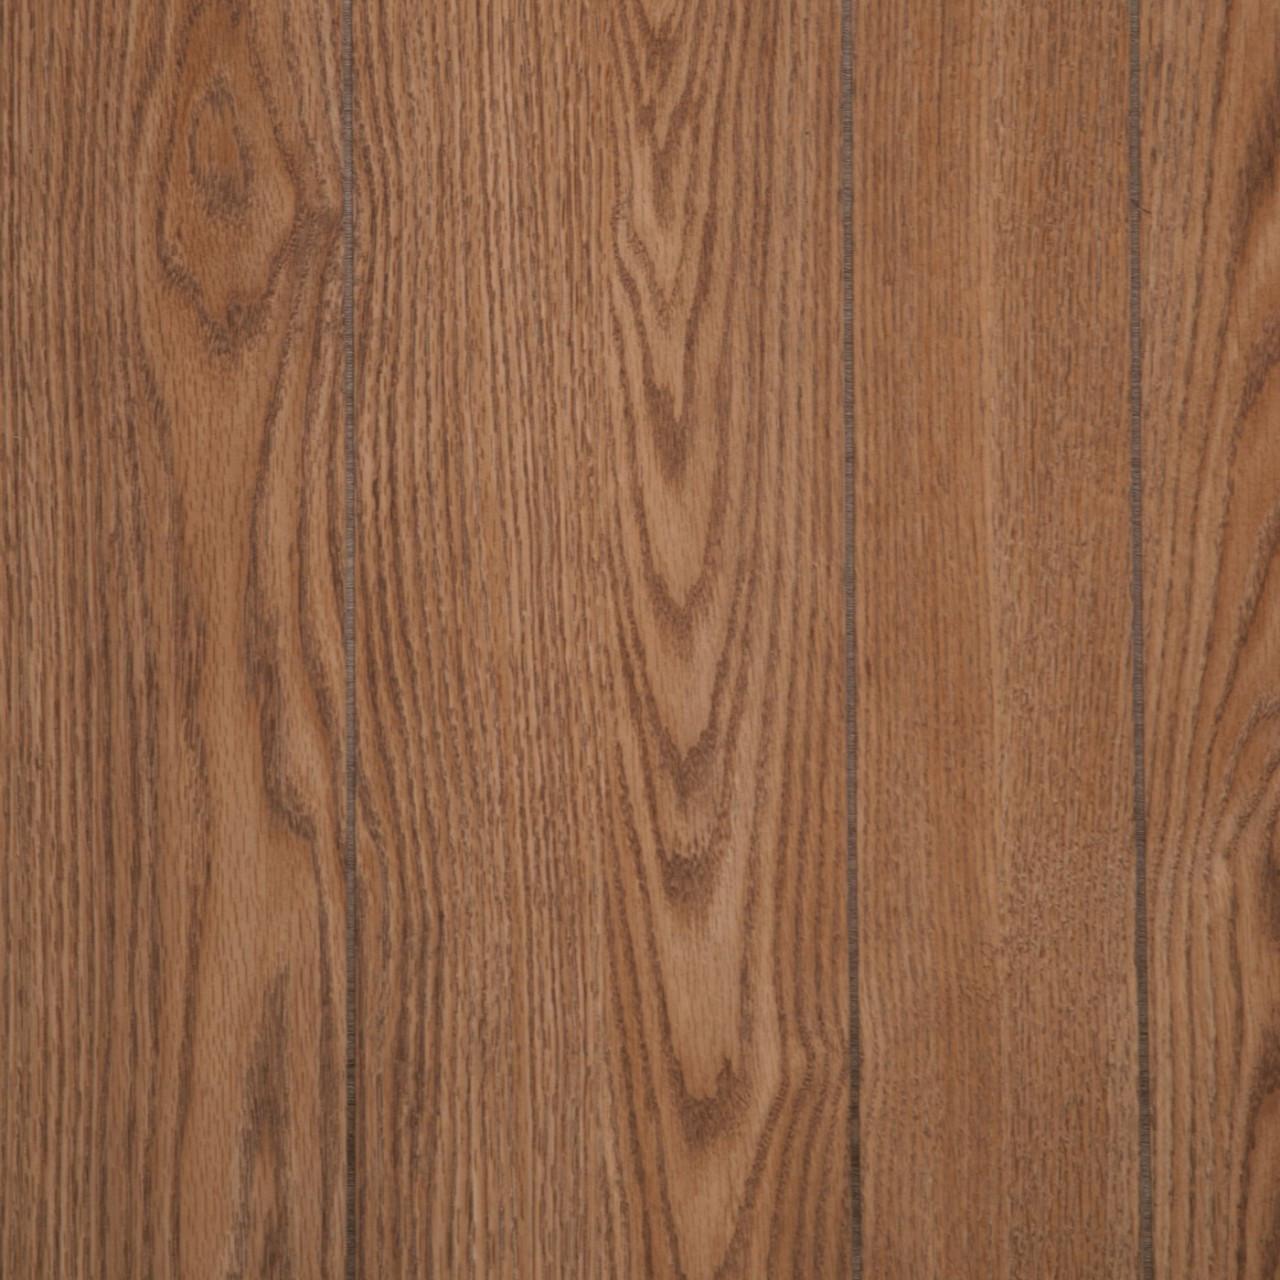 Plywood Paneling River Oak Whitewashed Panels